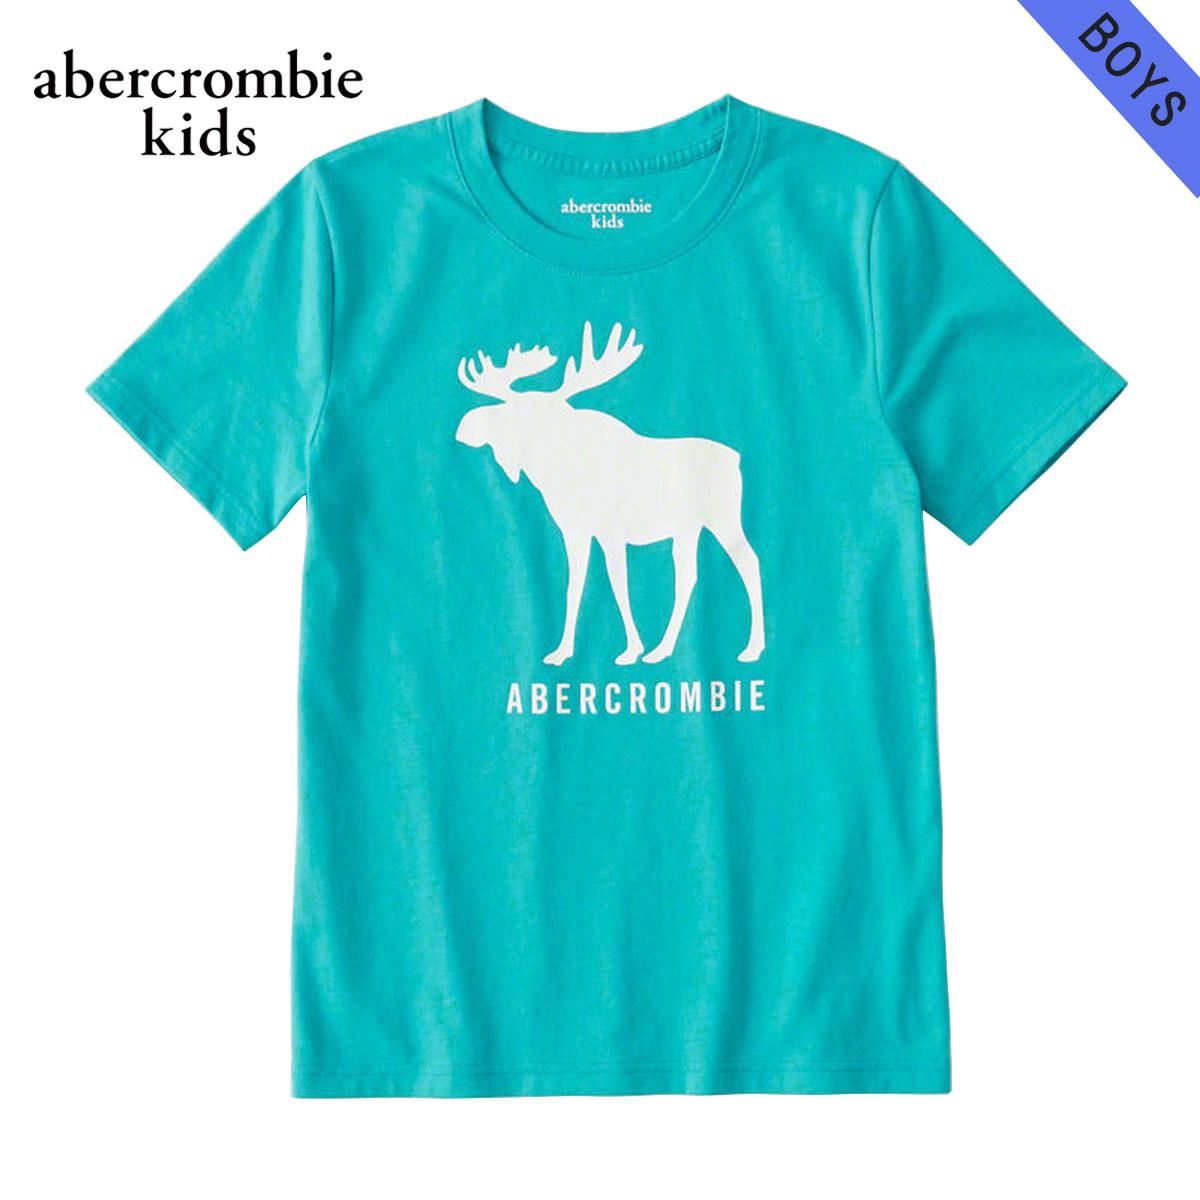 アバクロキッズ AbercrombieKids 正規品 子供服 ボーイズ 半袖Tシャツ color-changing graphic tee 257-891-0103-034